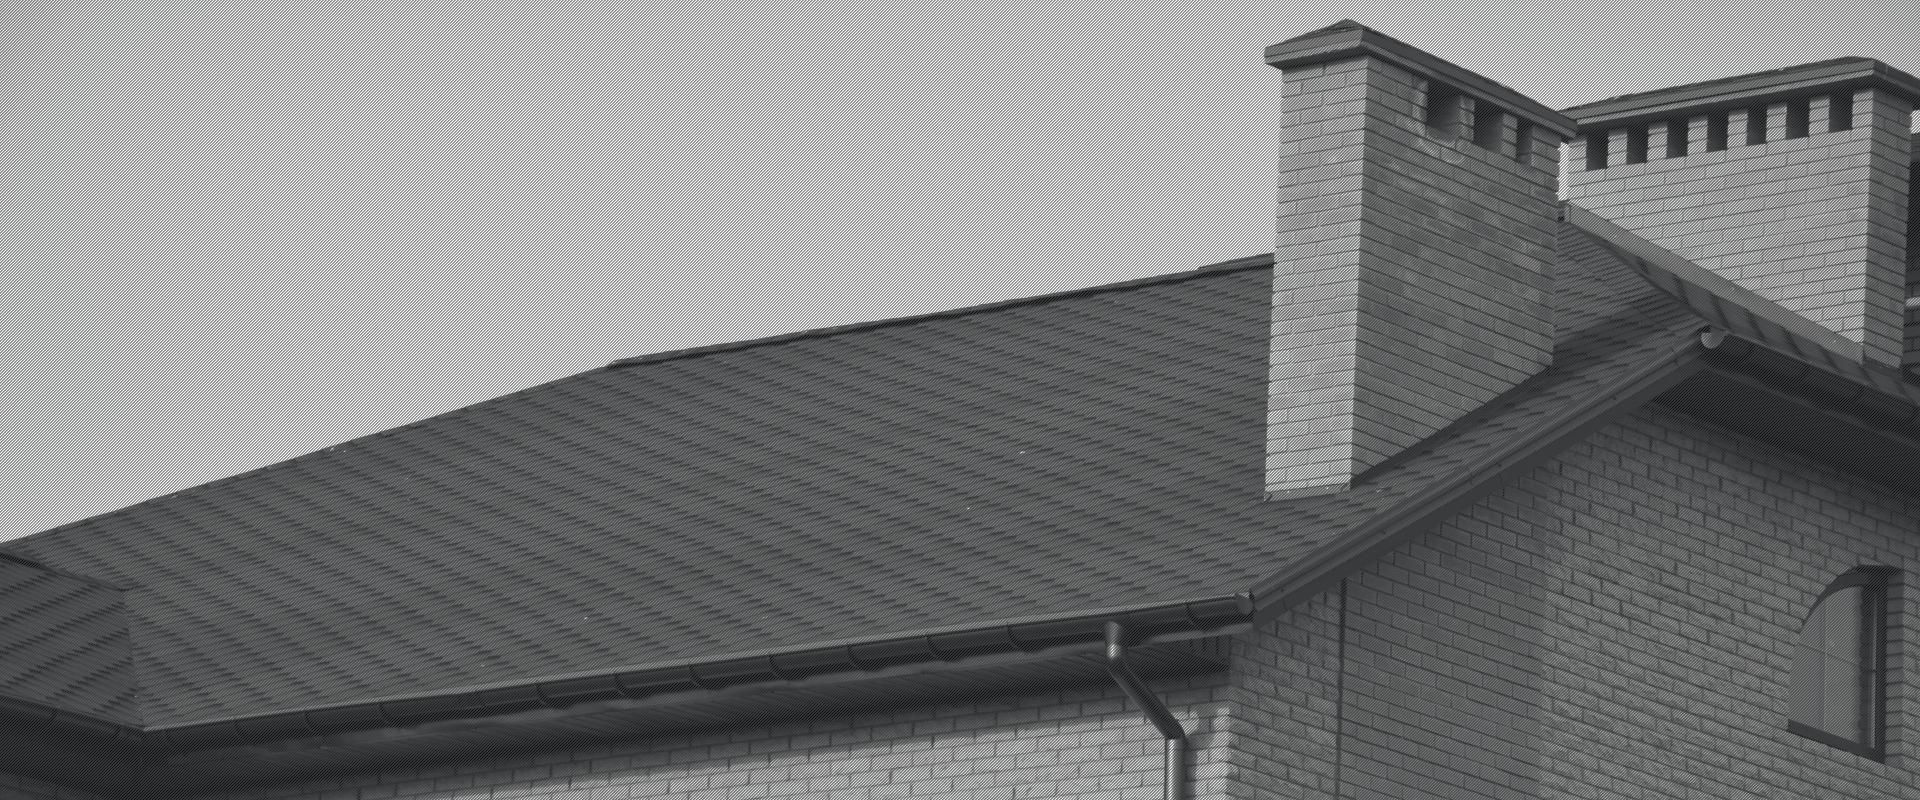 Монтаж бітумної черепиці KATEPAL. Запоріжжя, 2014